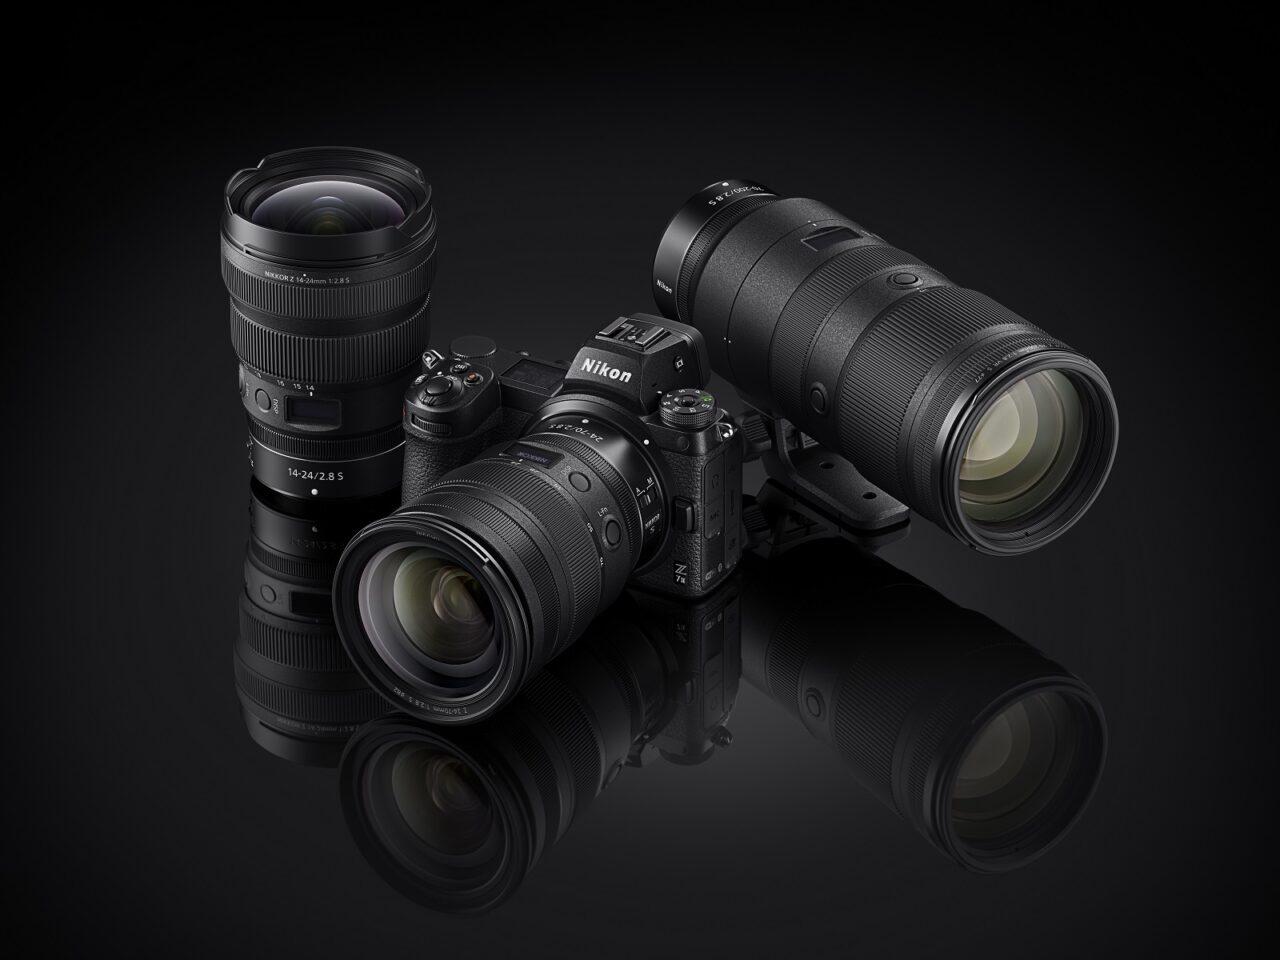 Ecco NIKON Z 7II e Z 6II, le nuove fotocamere mirrorless top di gamma (aggiornati: prezzi in Italia)